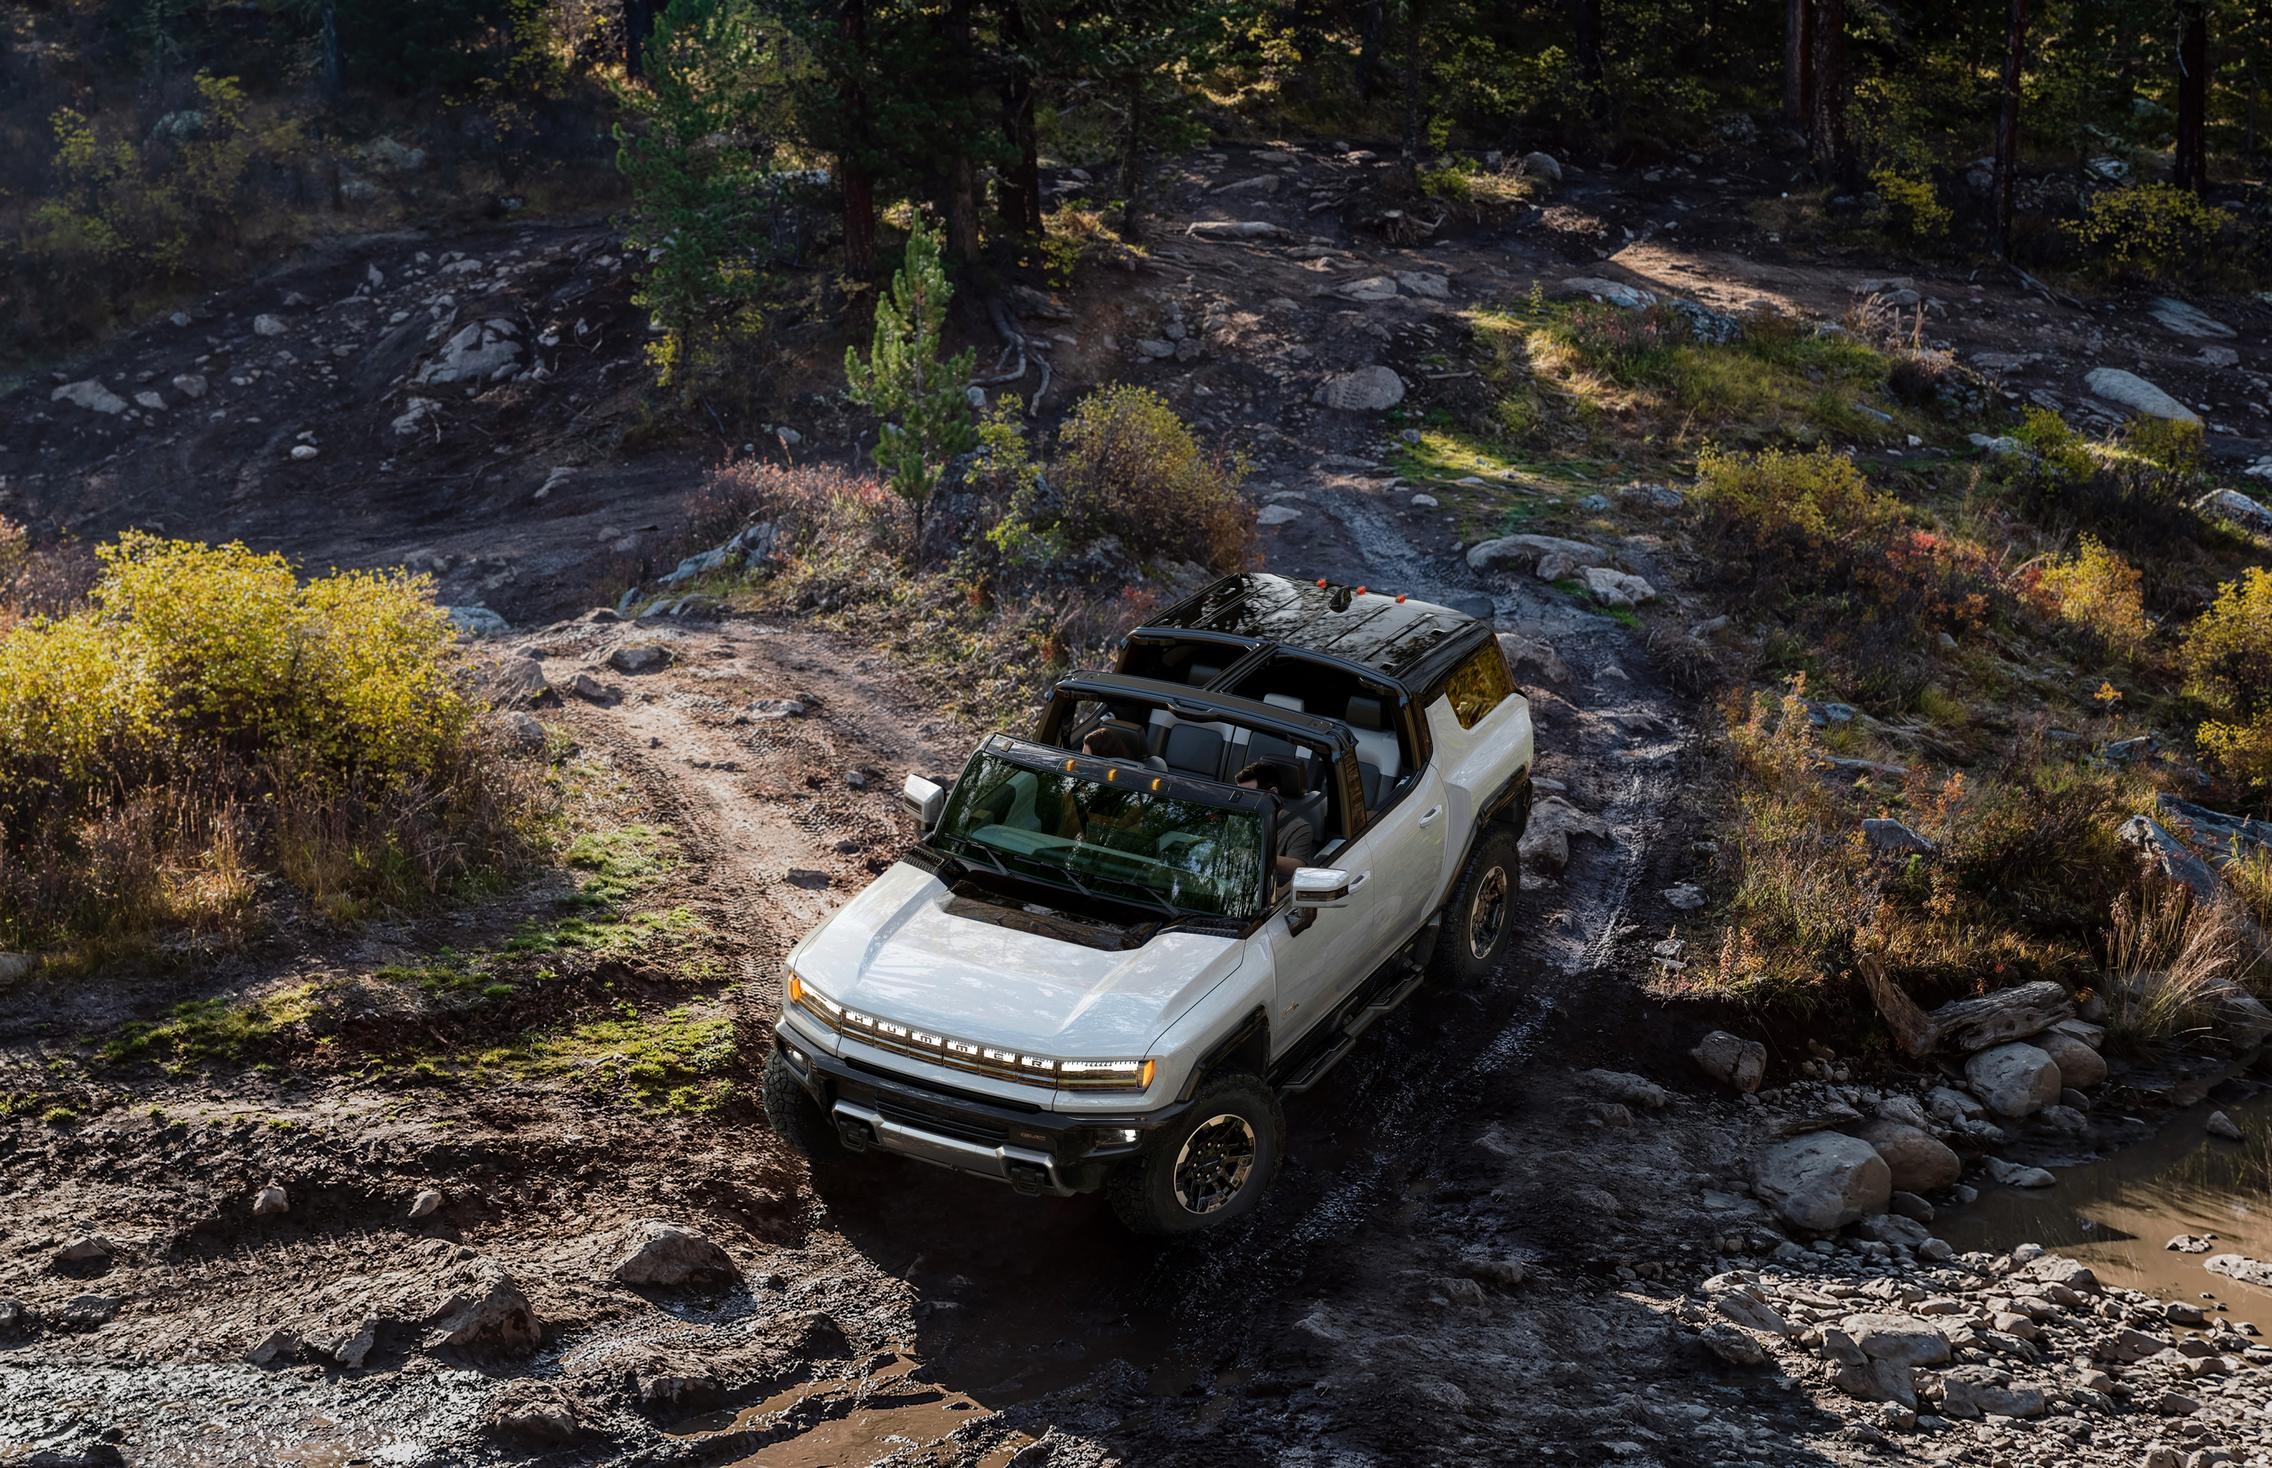 Hummer EV SUV top off